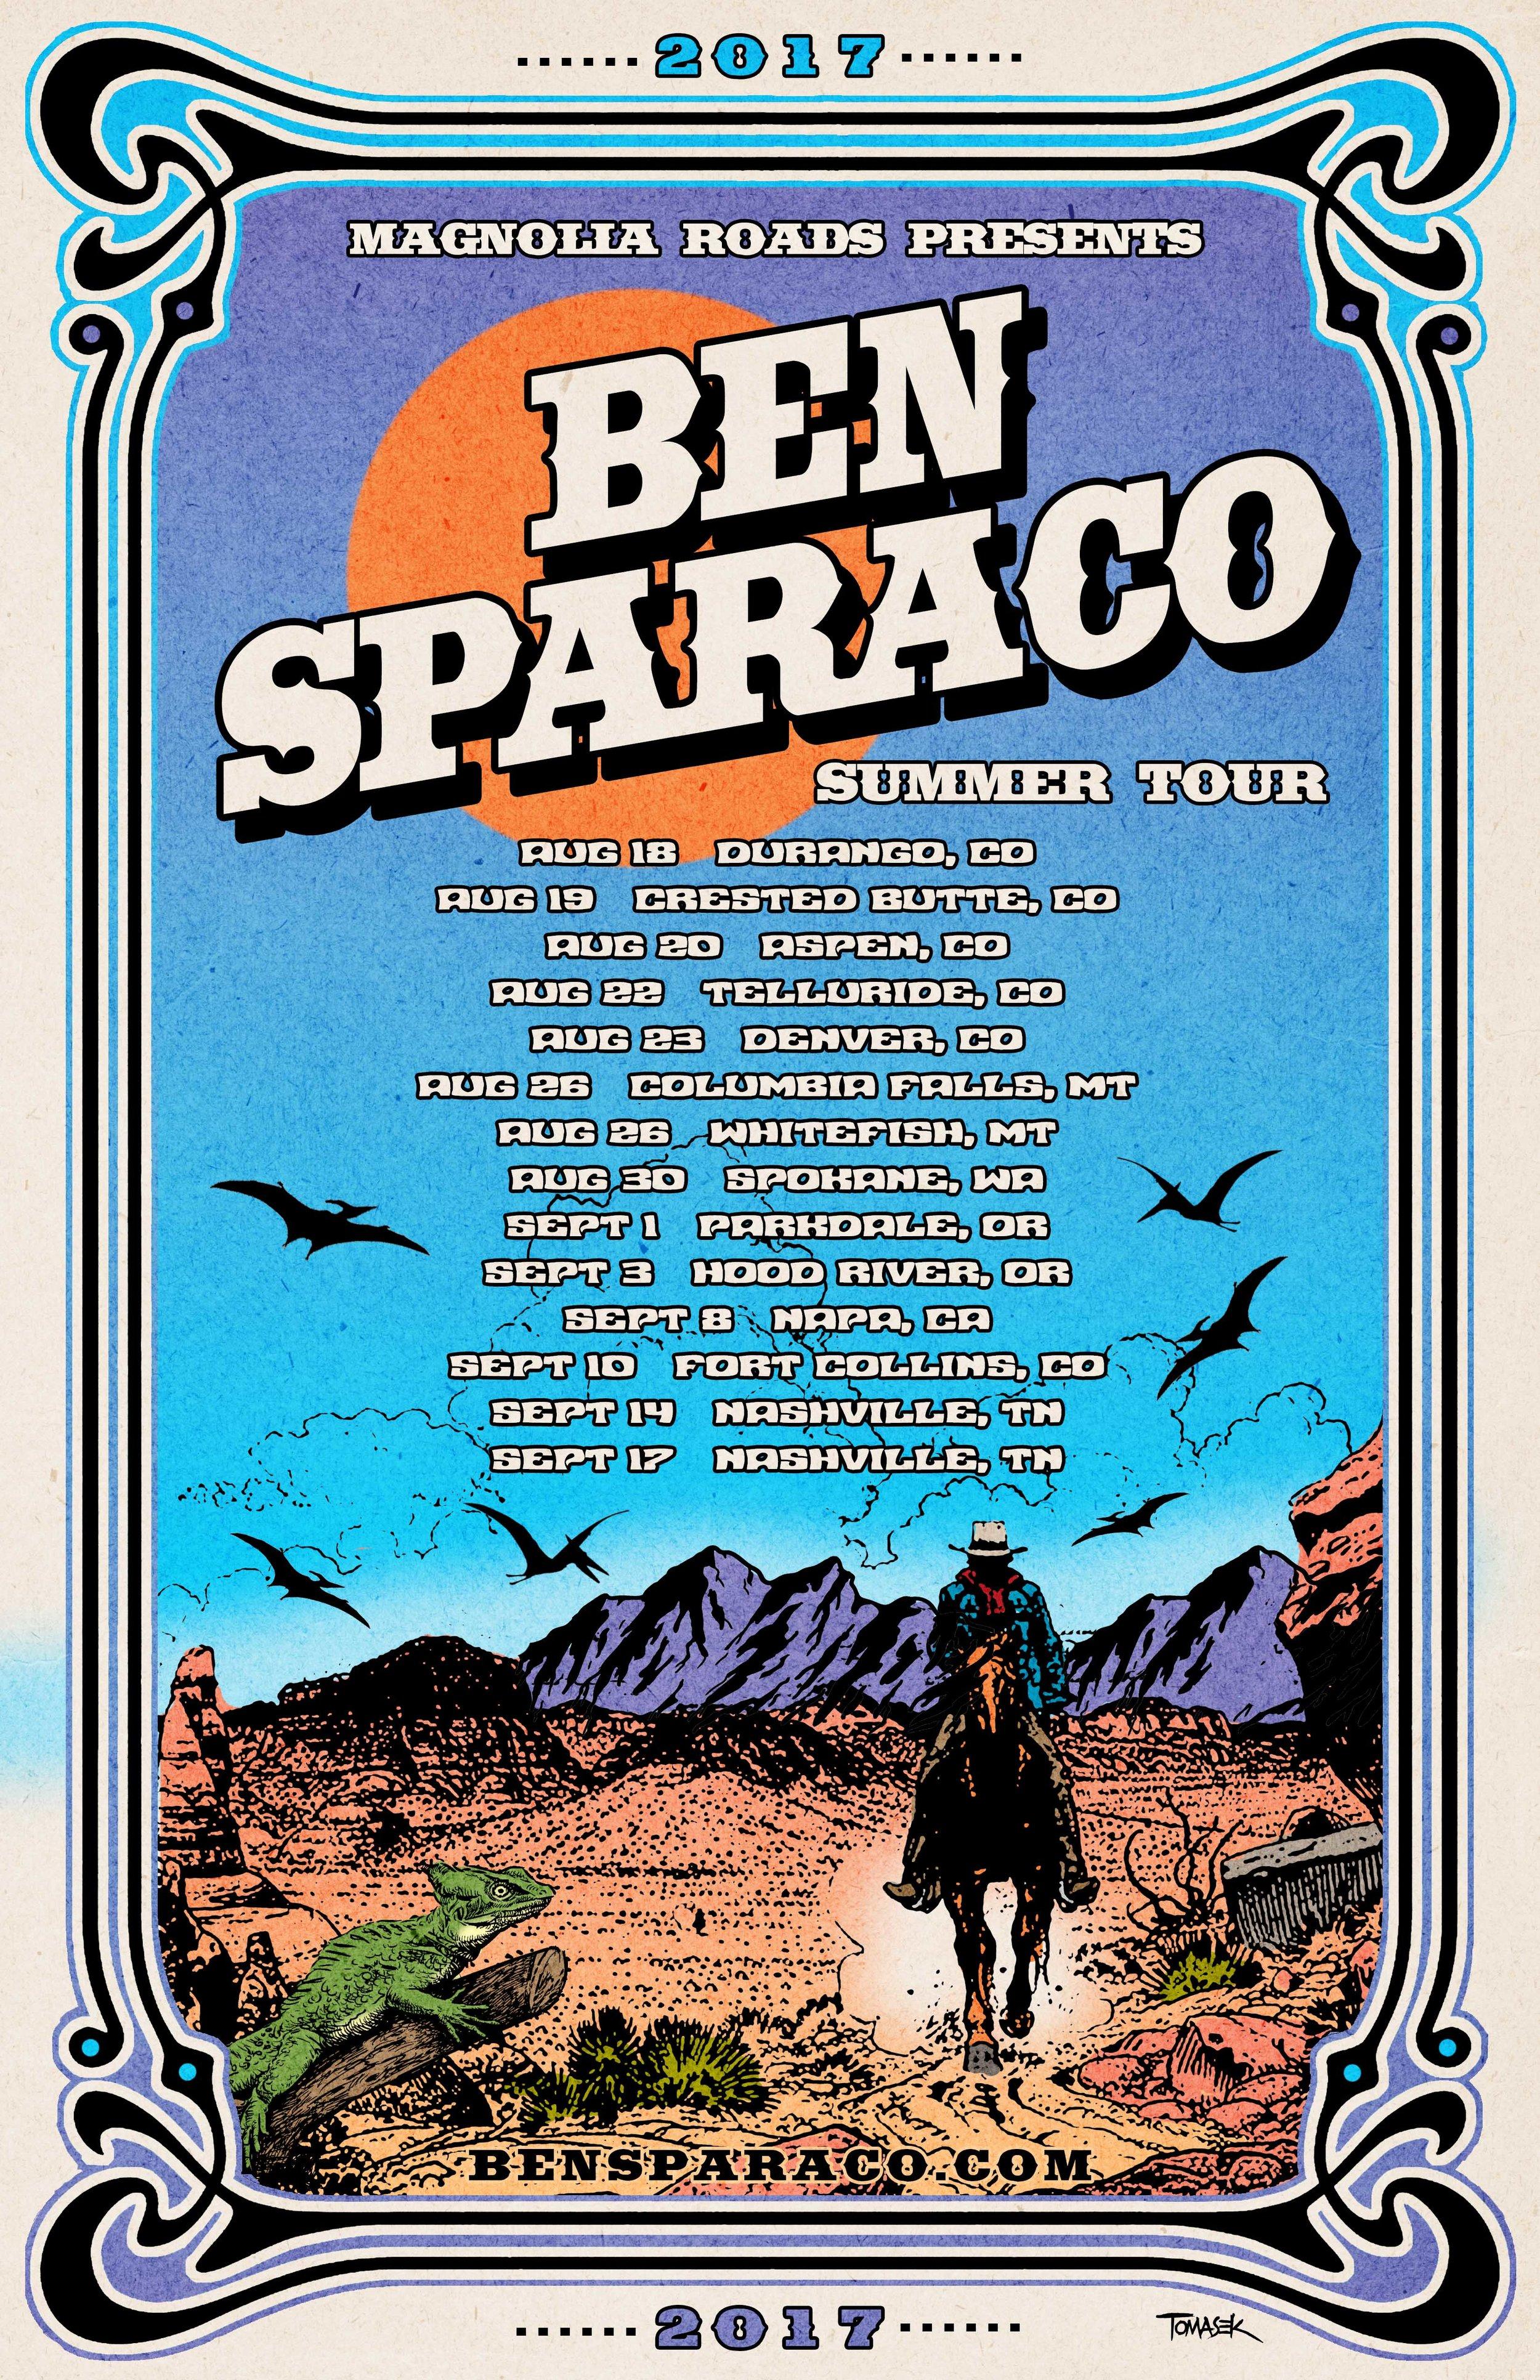 2017 summer tour Ben Sparaco.jpg